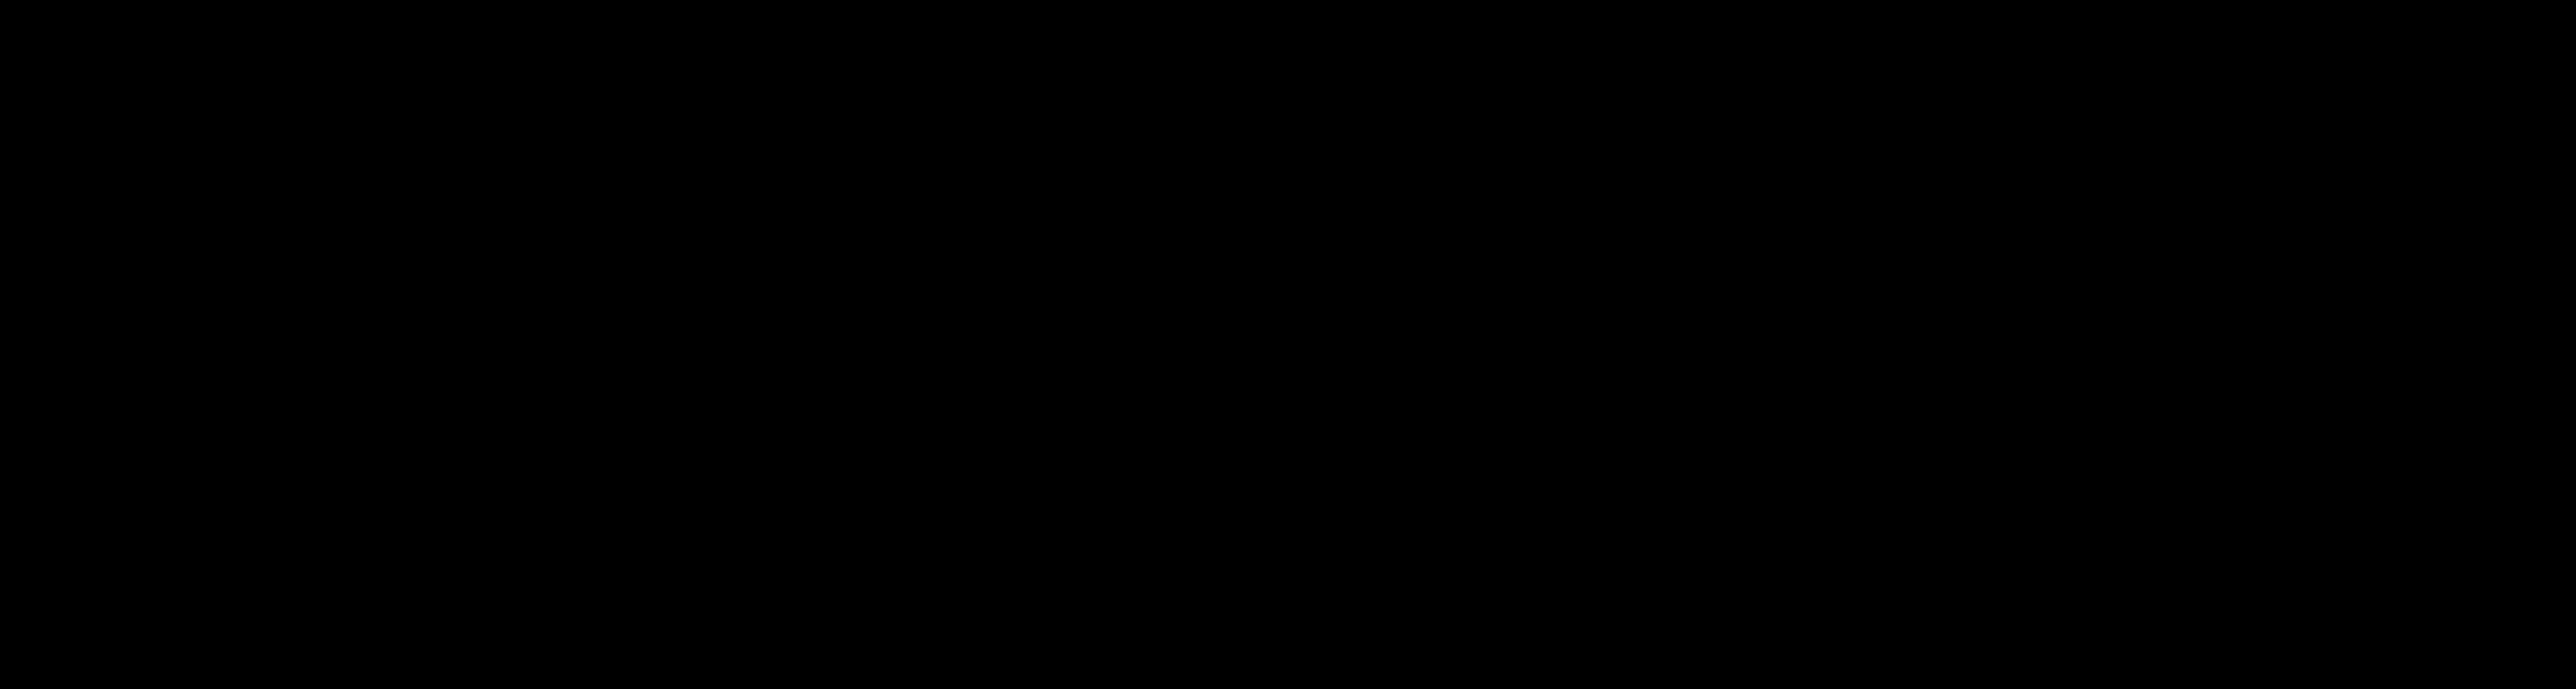 Web Banner-3850x1030- Foundation Gala-2019